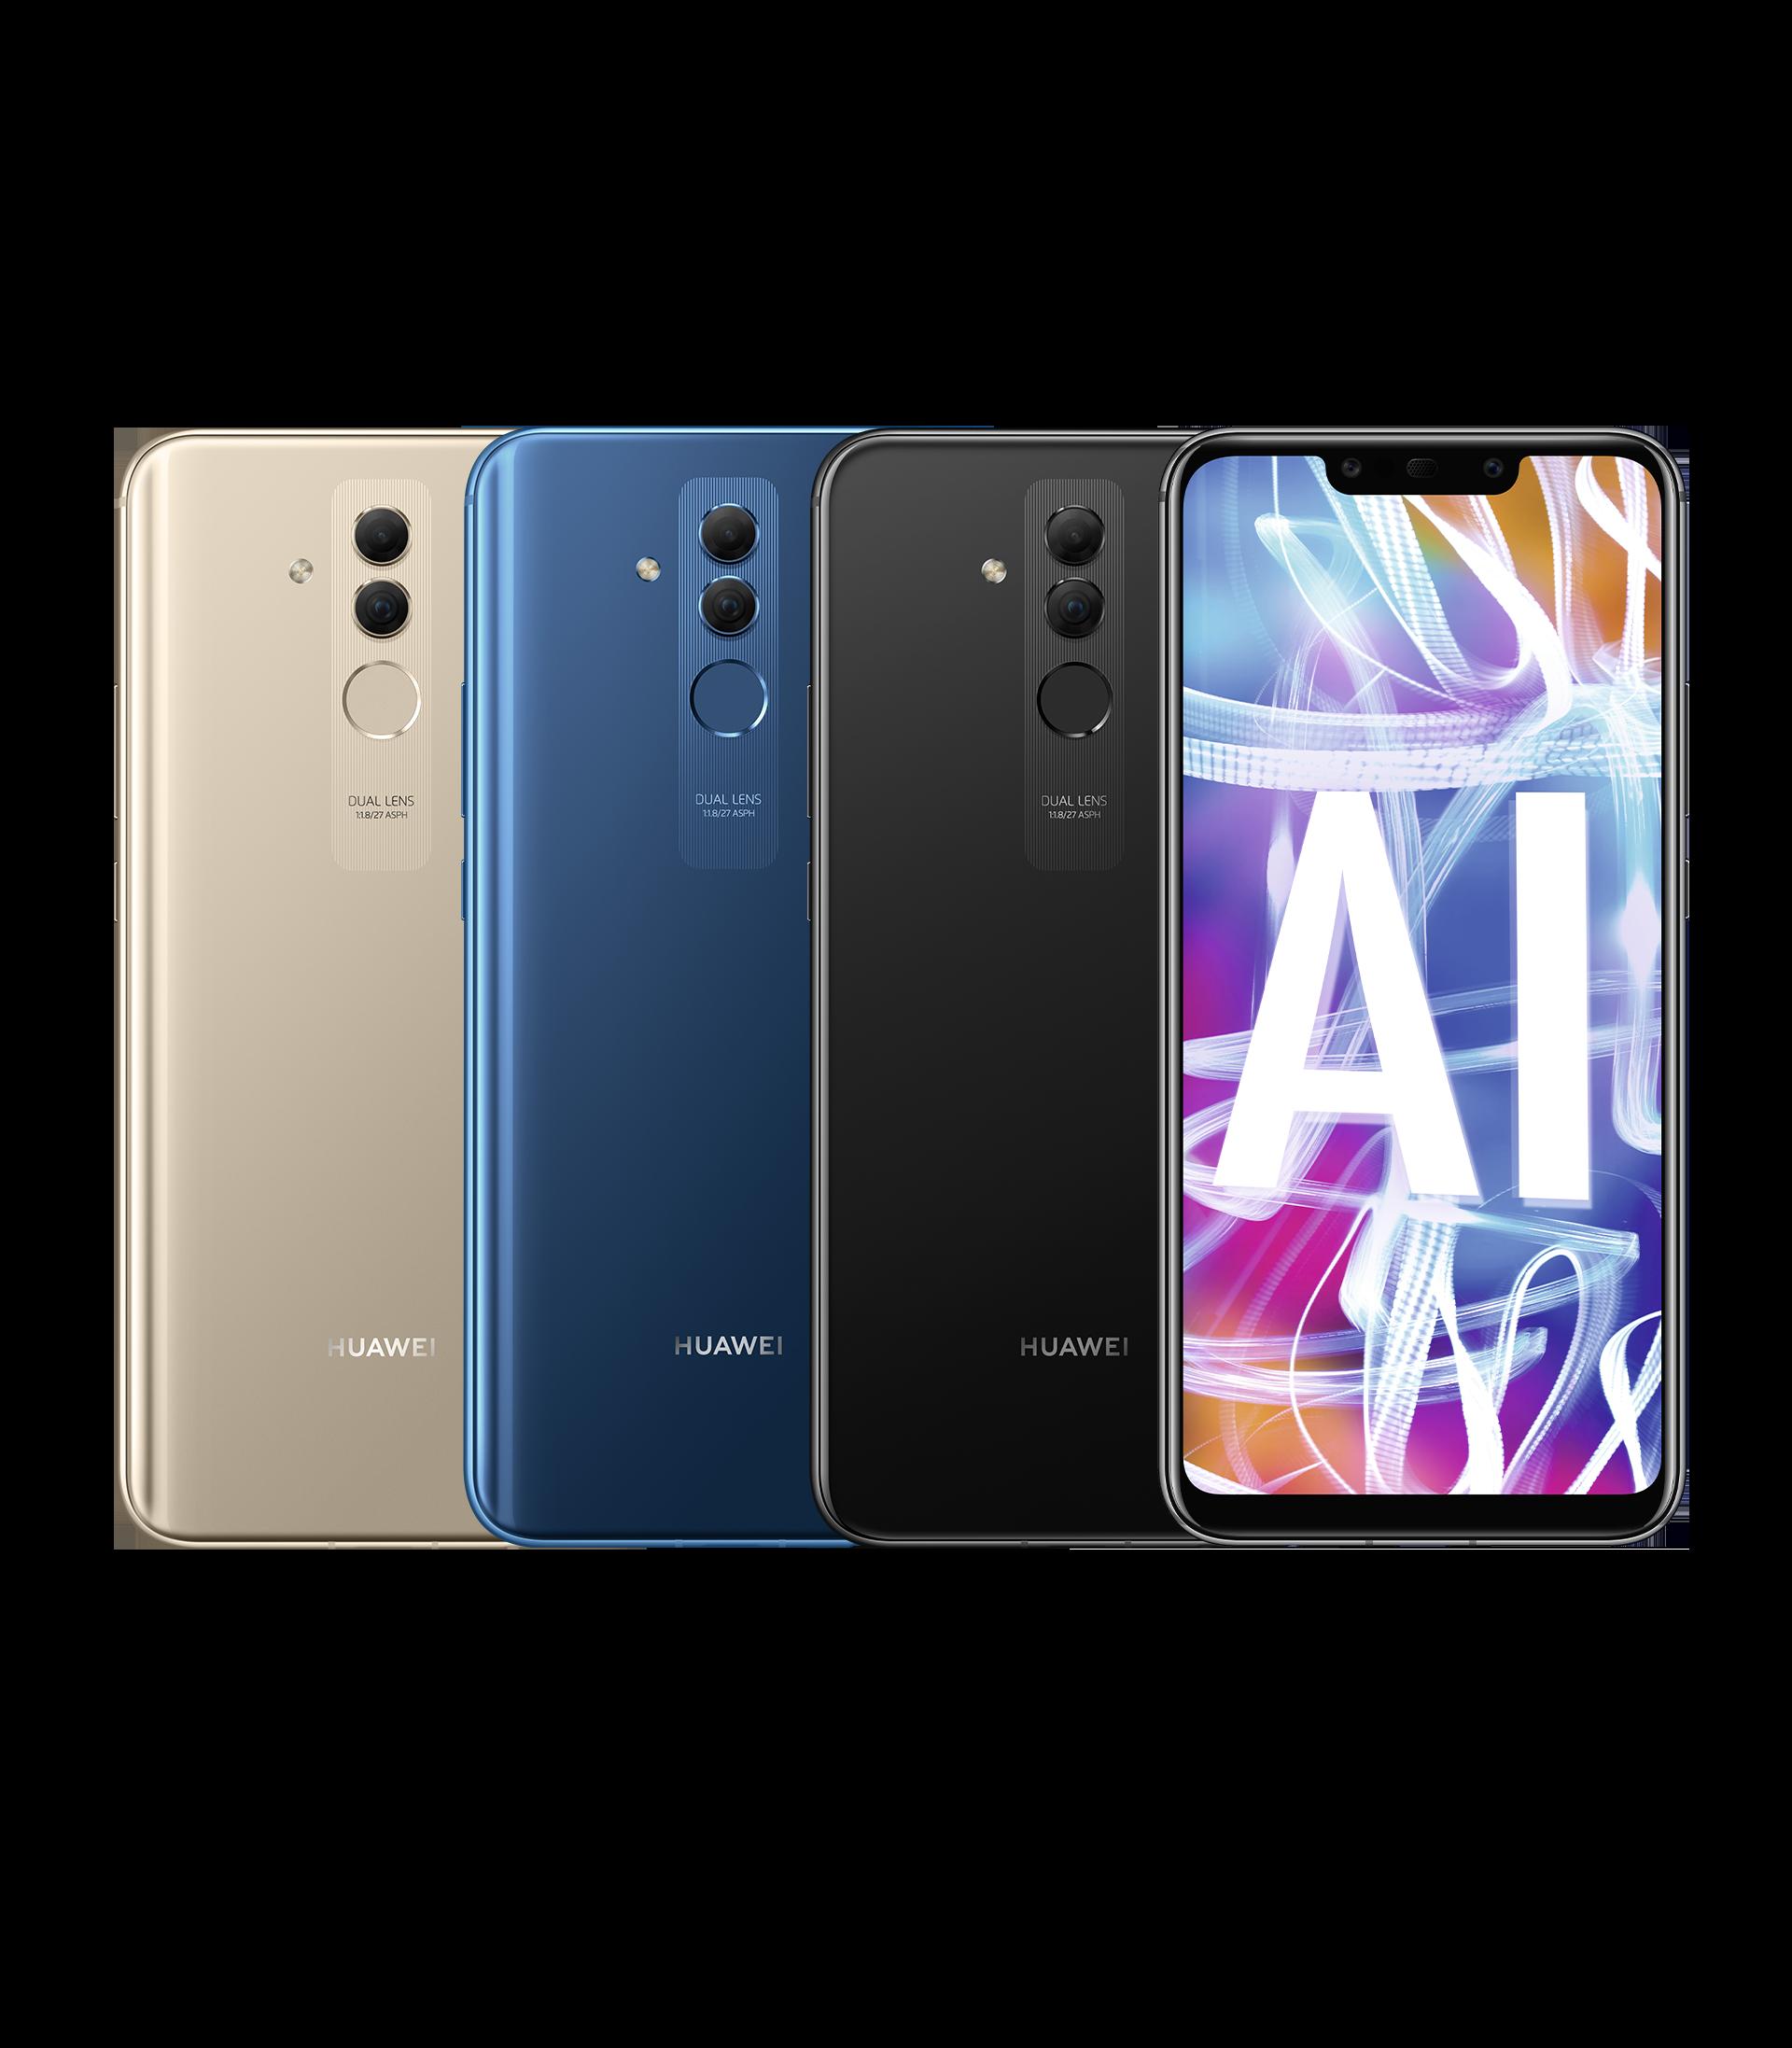 """HUAWEI Mate20 lite Smartphone in den Farben Platingold, Saphirblau und Schwarz mit Dual-Frontkamera und 6,3"""" FHD+ FullView Display, Handy Vorder- und Rückseiten"""